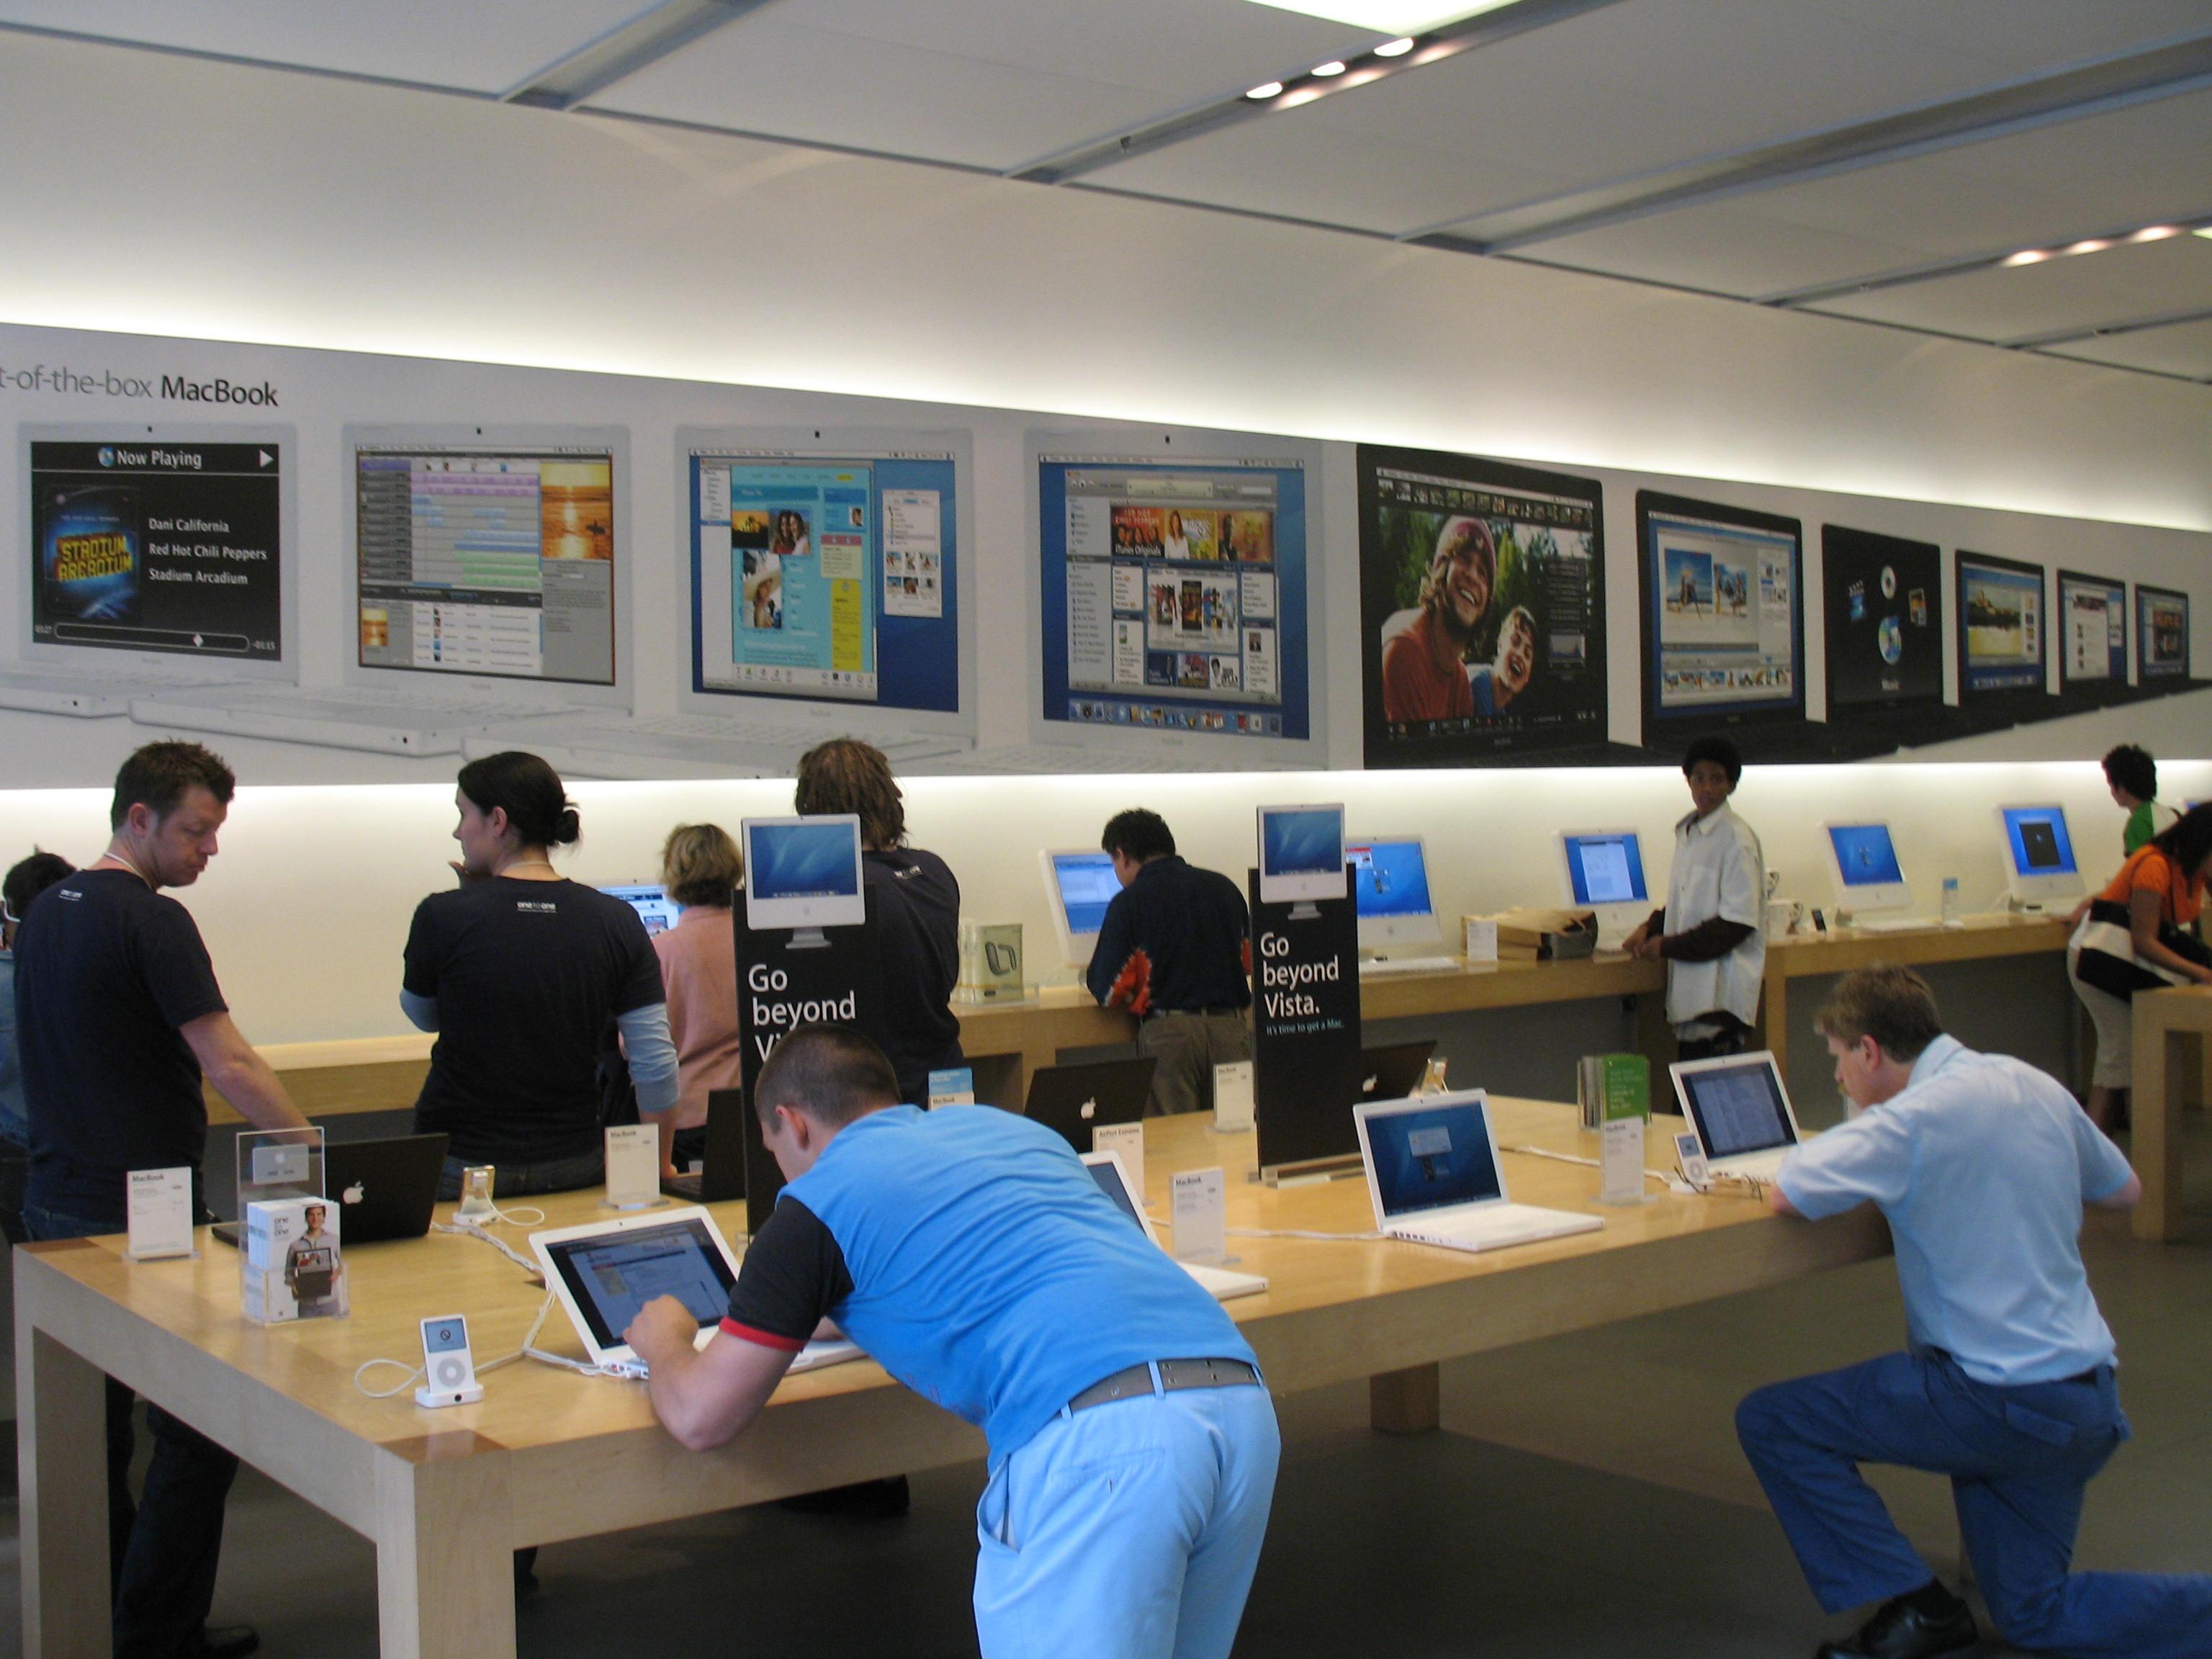 دادن یک تجربه حسی واقعی در فروشگاههای اپل شما را اسیر خود میکند. چه کسی است که بتواند در مقابل بازی angry bird روی صفحه باز موبایل روی میز مقاومت کند؟ به این ترتیب شما حتی قبل از خرید مشتری میشوید!